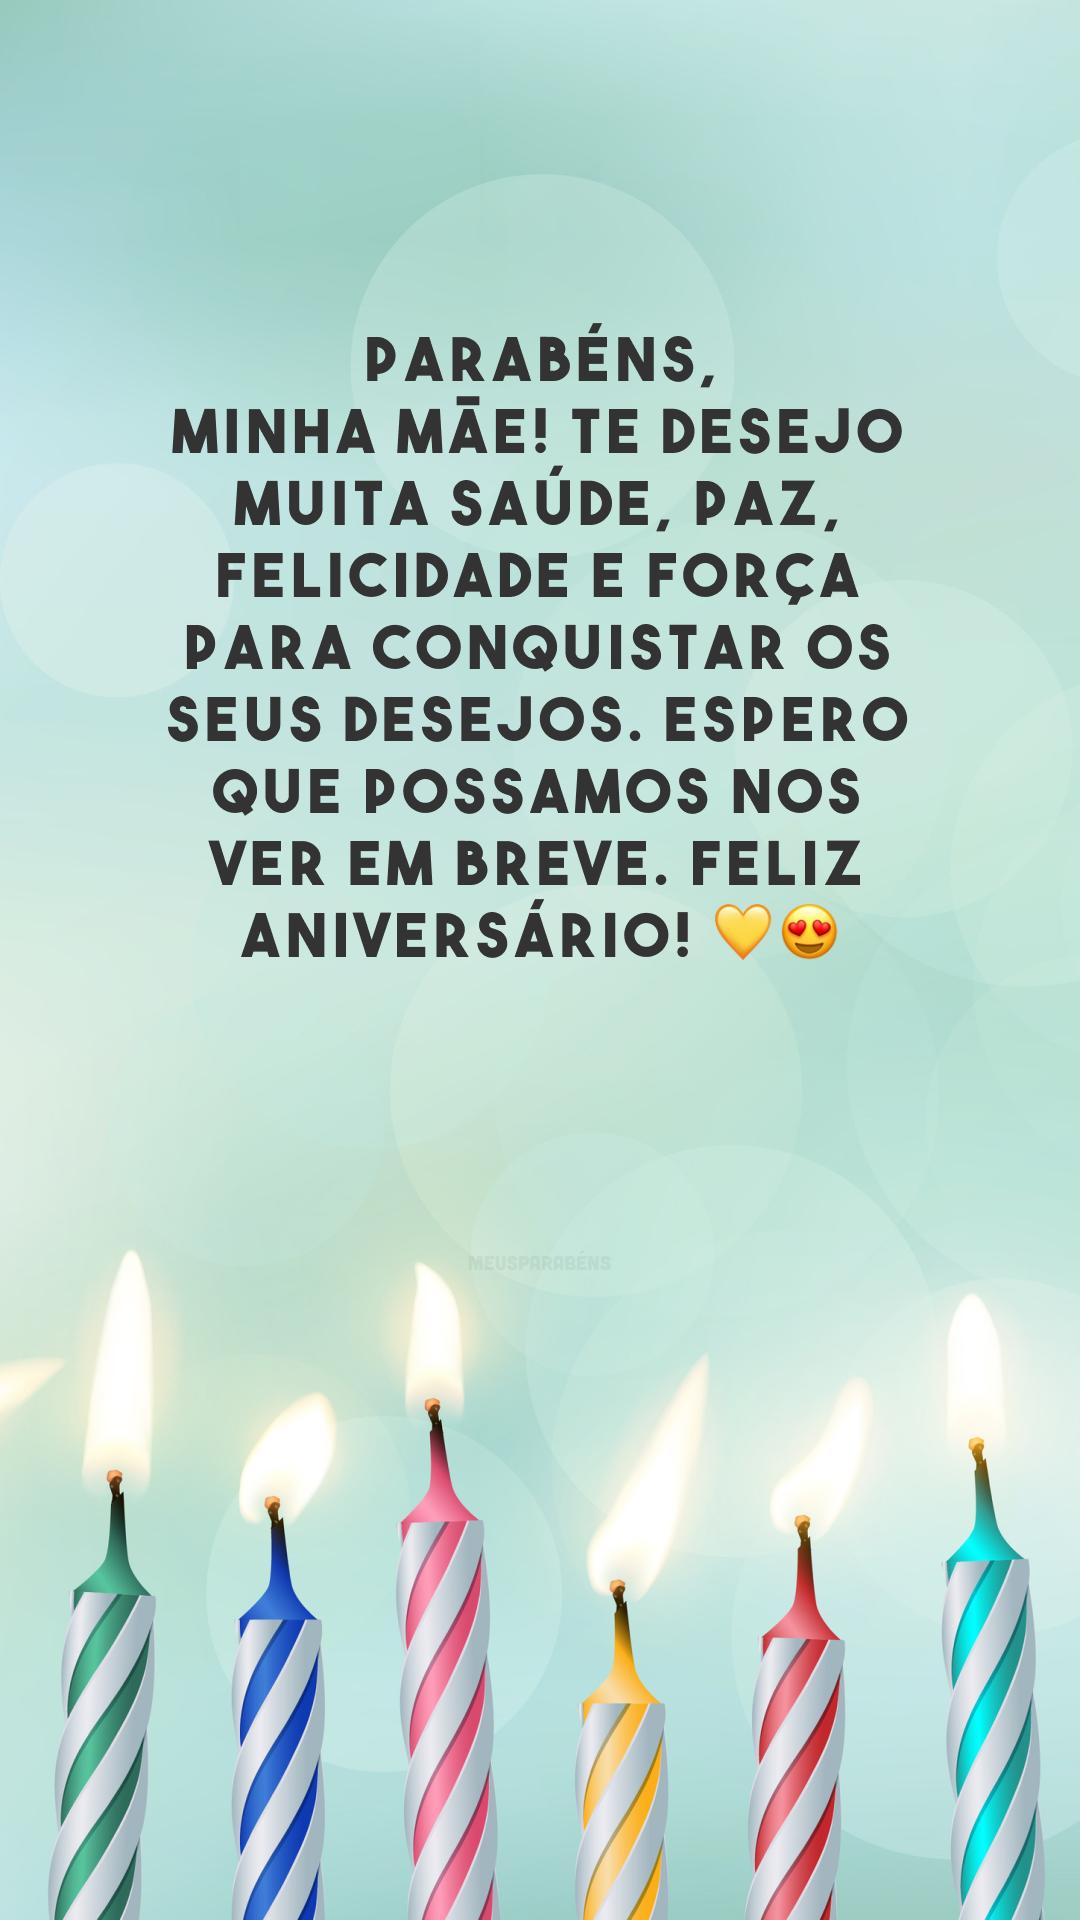 Parabéns, minha mãe! Te desejo muita saúde, paz, felicidade e força para conquistar os seus desejos. Espero que possamos nos ver em breve. Feliz aniversário! 💛😍